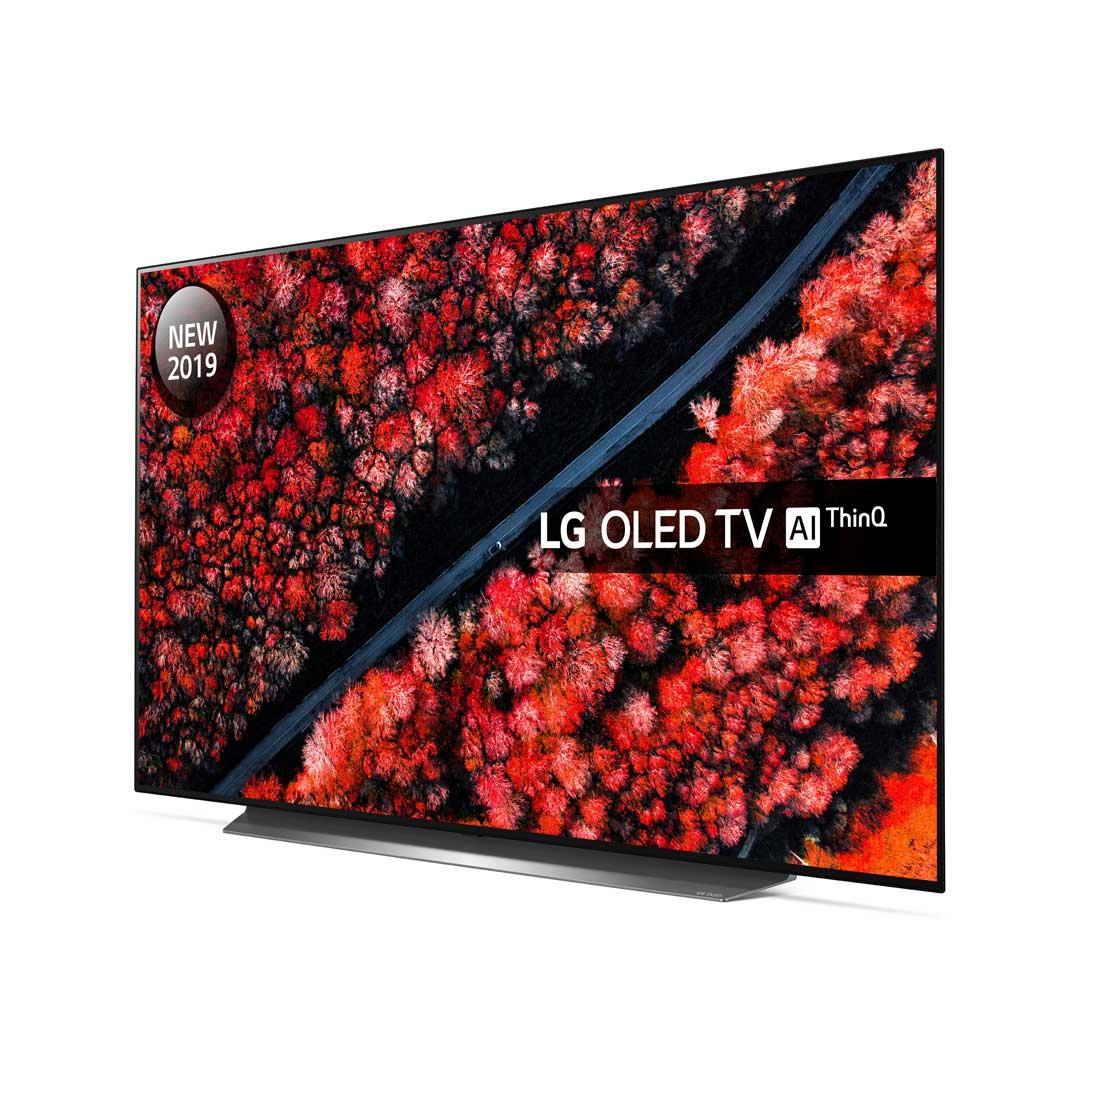 """LG OLED55C9 55"""" 4K UHD OLED TV £1374 @ Sevenoaks sound"""